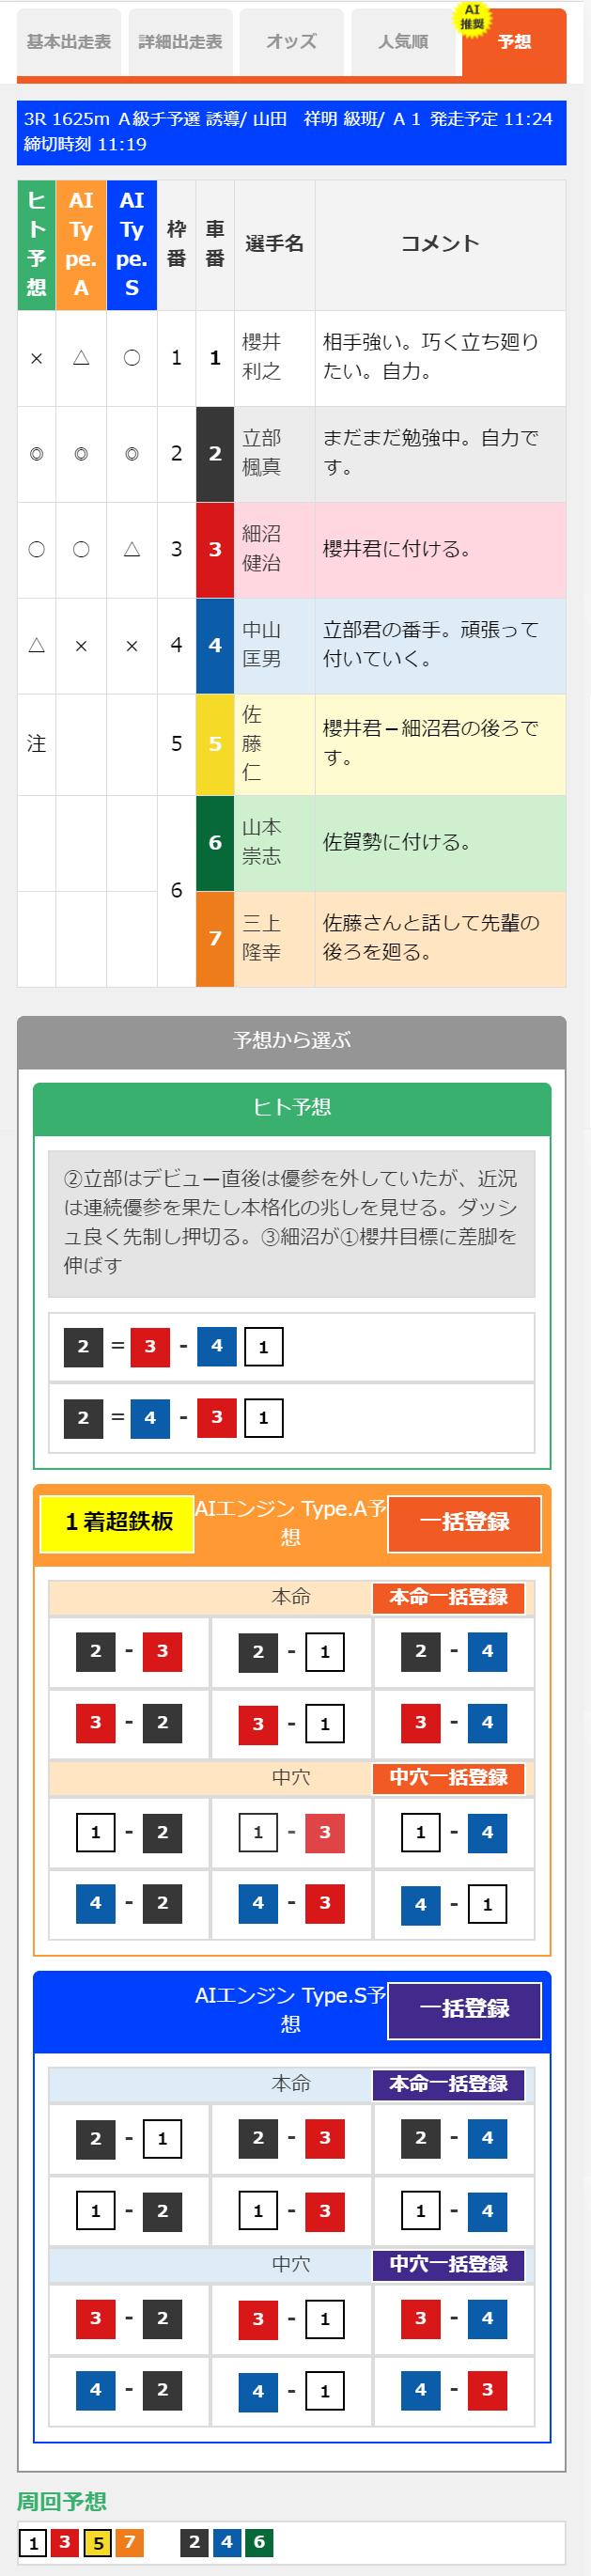 競輪予想サイト ai